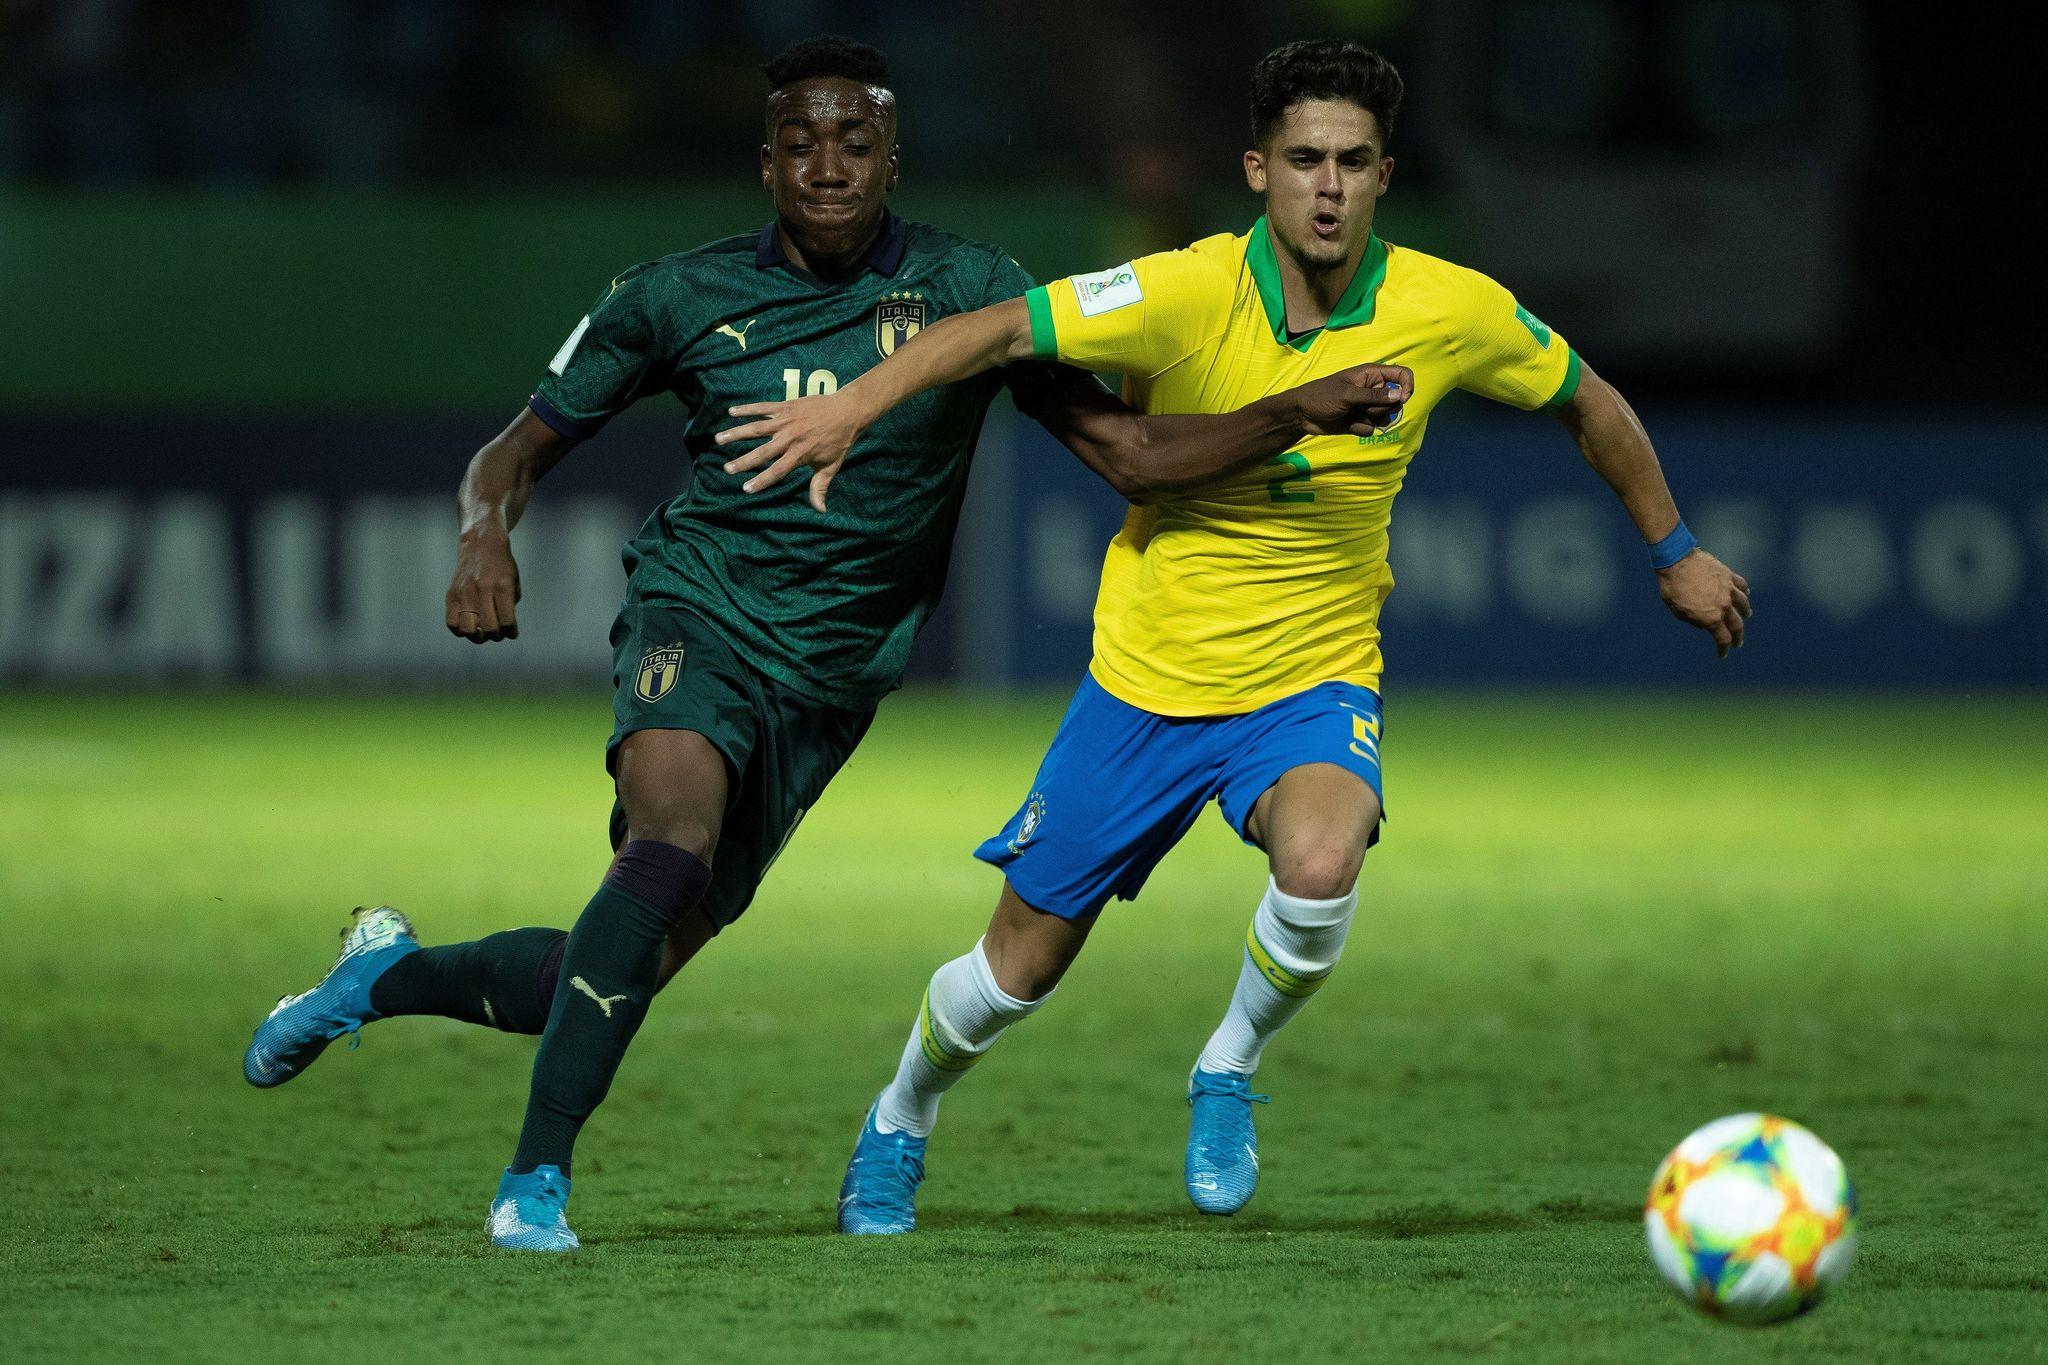 AME3379. GOIANIA (BRASIL), 11/11/2019.- <HIT>Yan</HIT><HIT>Couto</HIT> (d) de Brasil disputa un balón con Franco Tongya de Italia este lunes en un partido de los cuartos de final de la Copa Mundial de Fútbol Sub-17 entre Brasil e Italia, en el estadio Olímpico en la ciudad de Goiania (Brasil). EFE/Joédson Alves